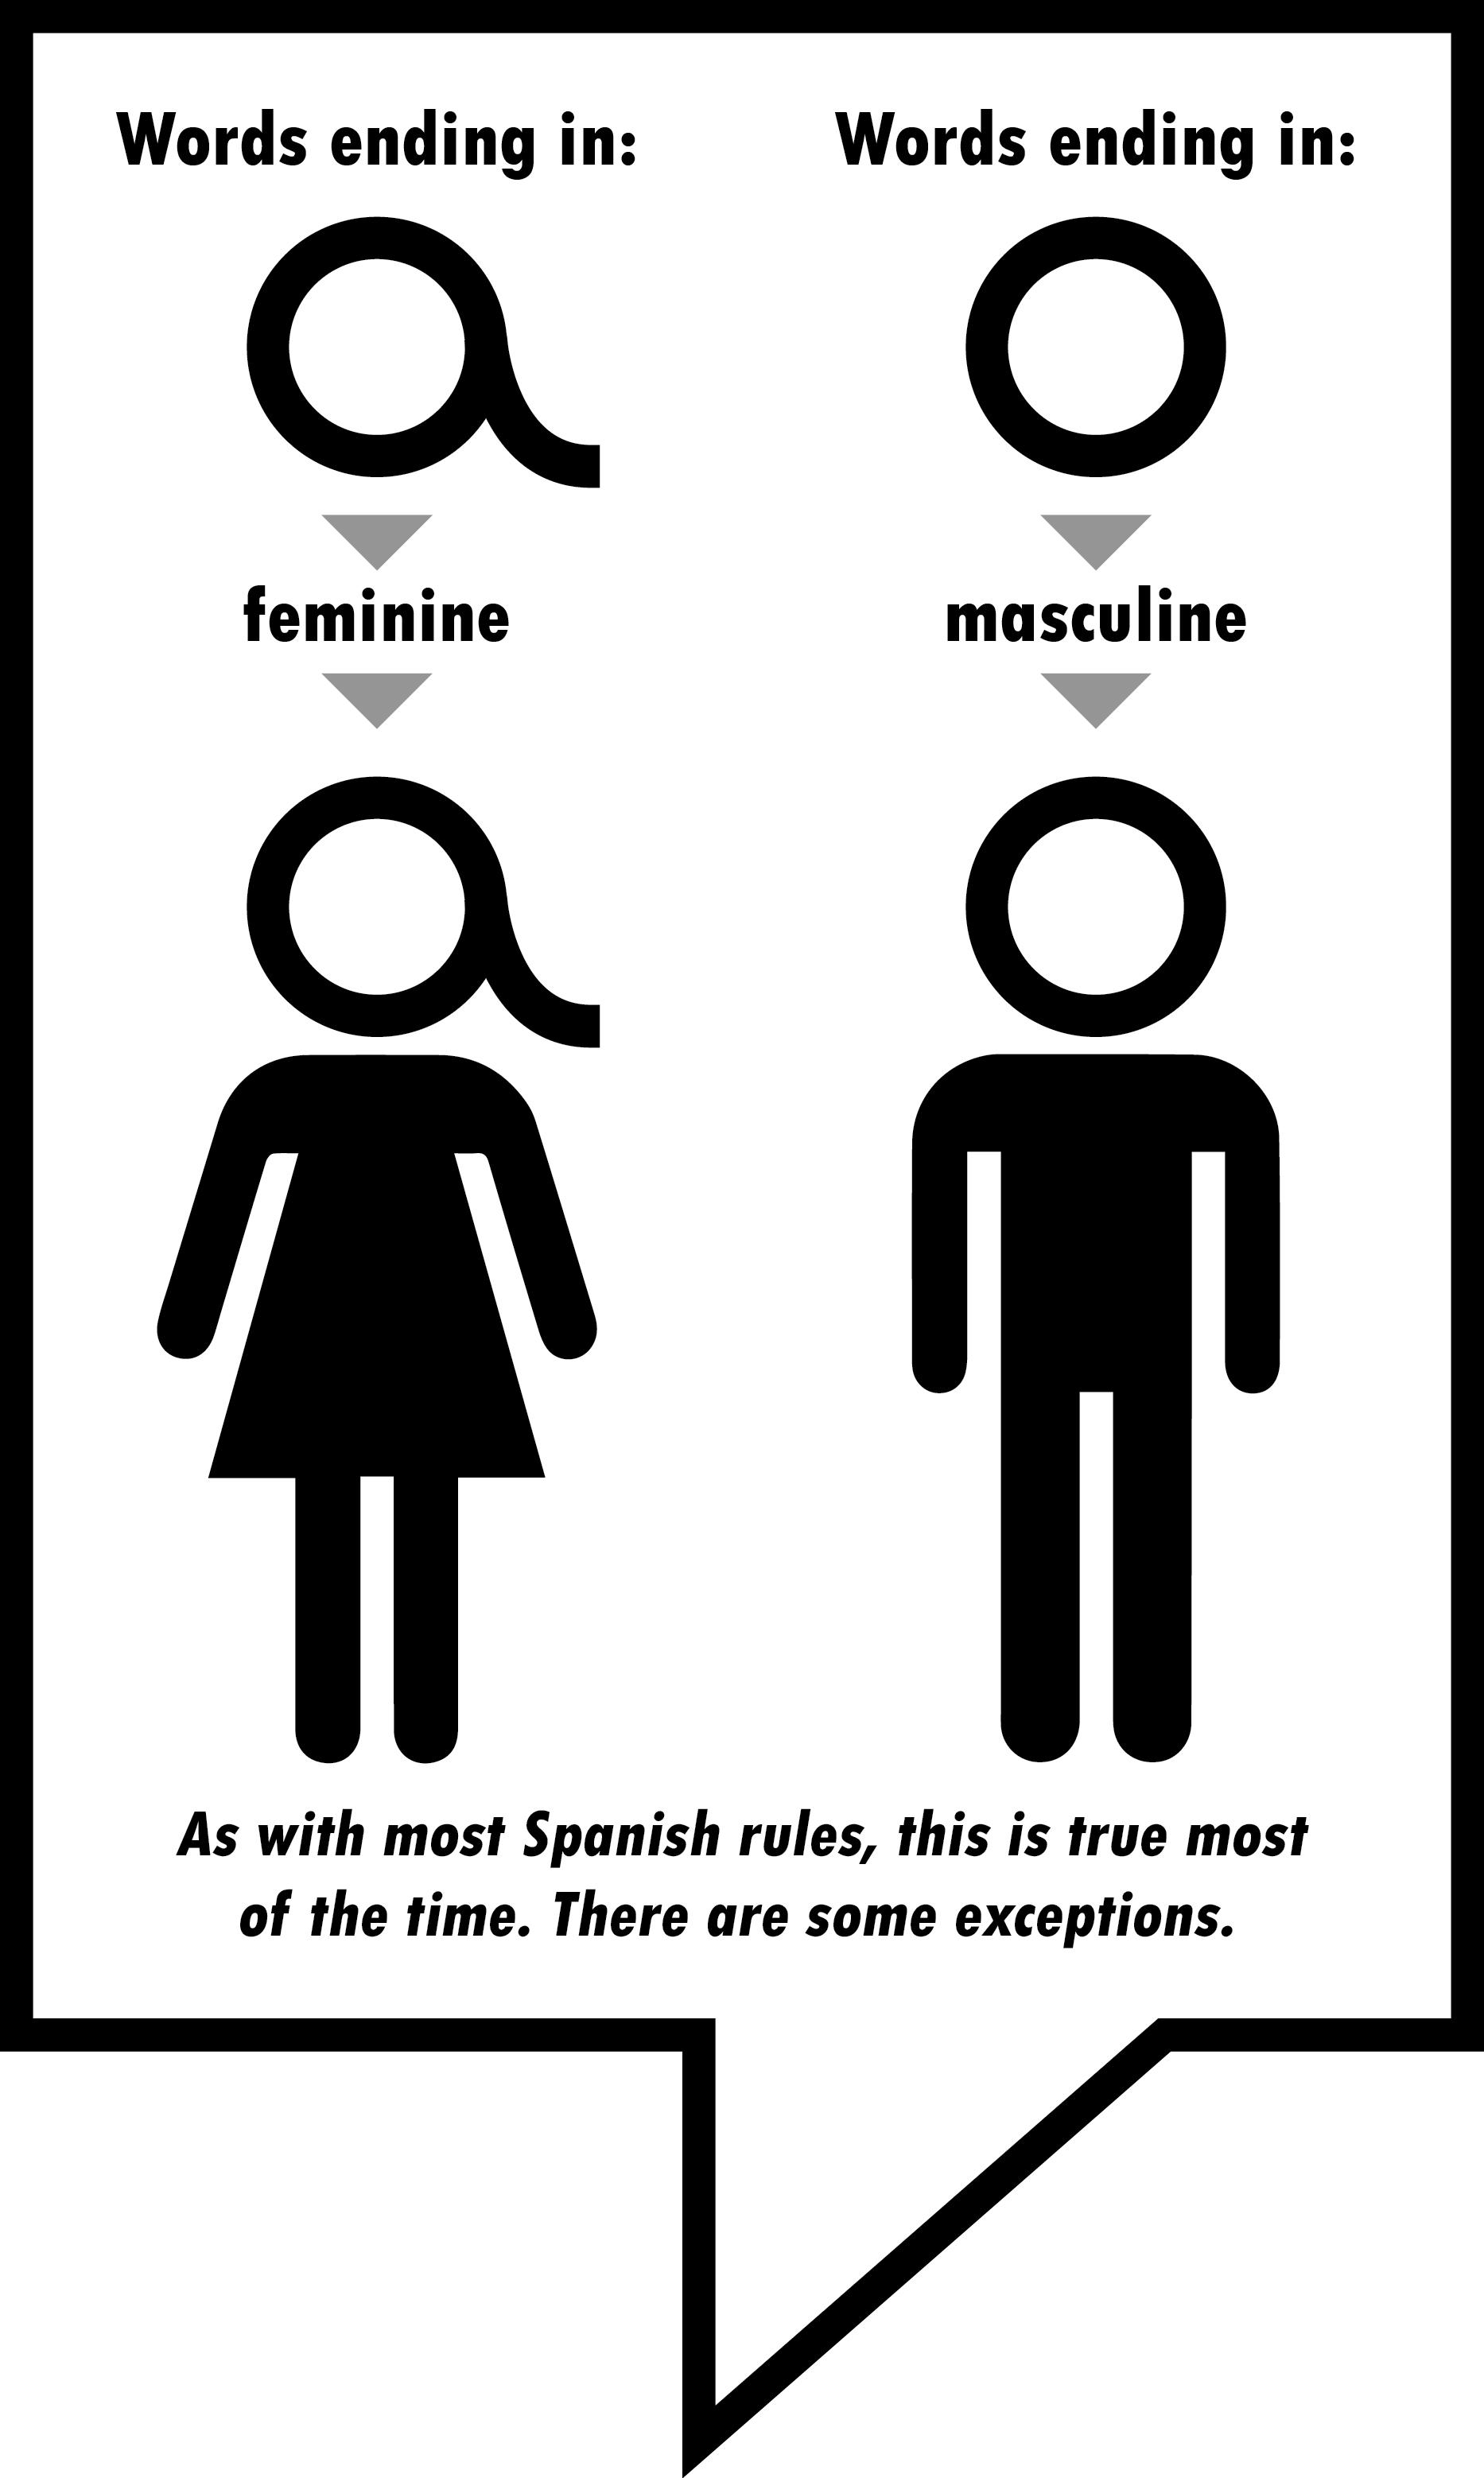 Spanish Masculine And Feminine